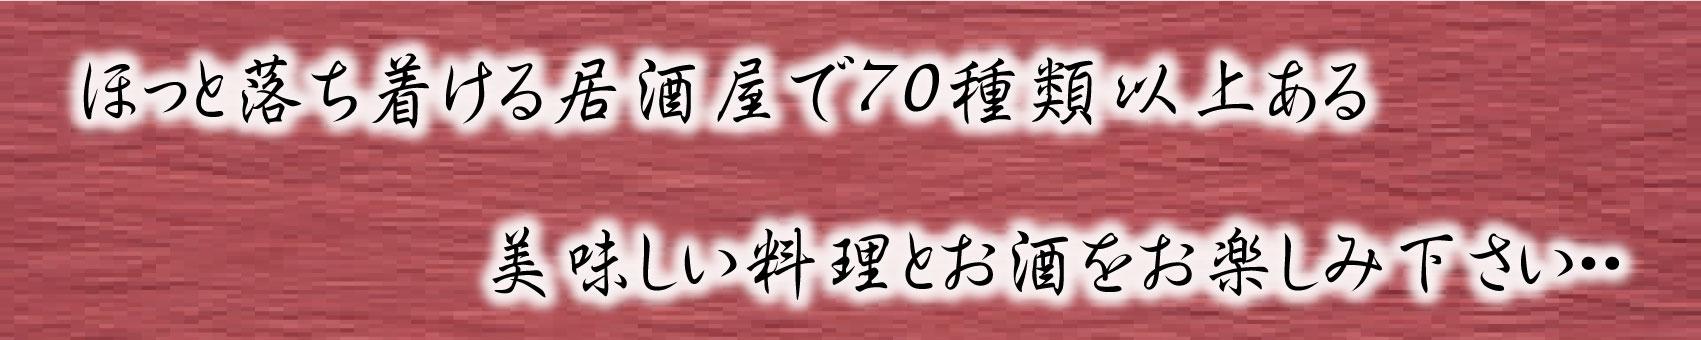 じなん坊  〒286-0048 千葉県成田市飯田町145-9